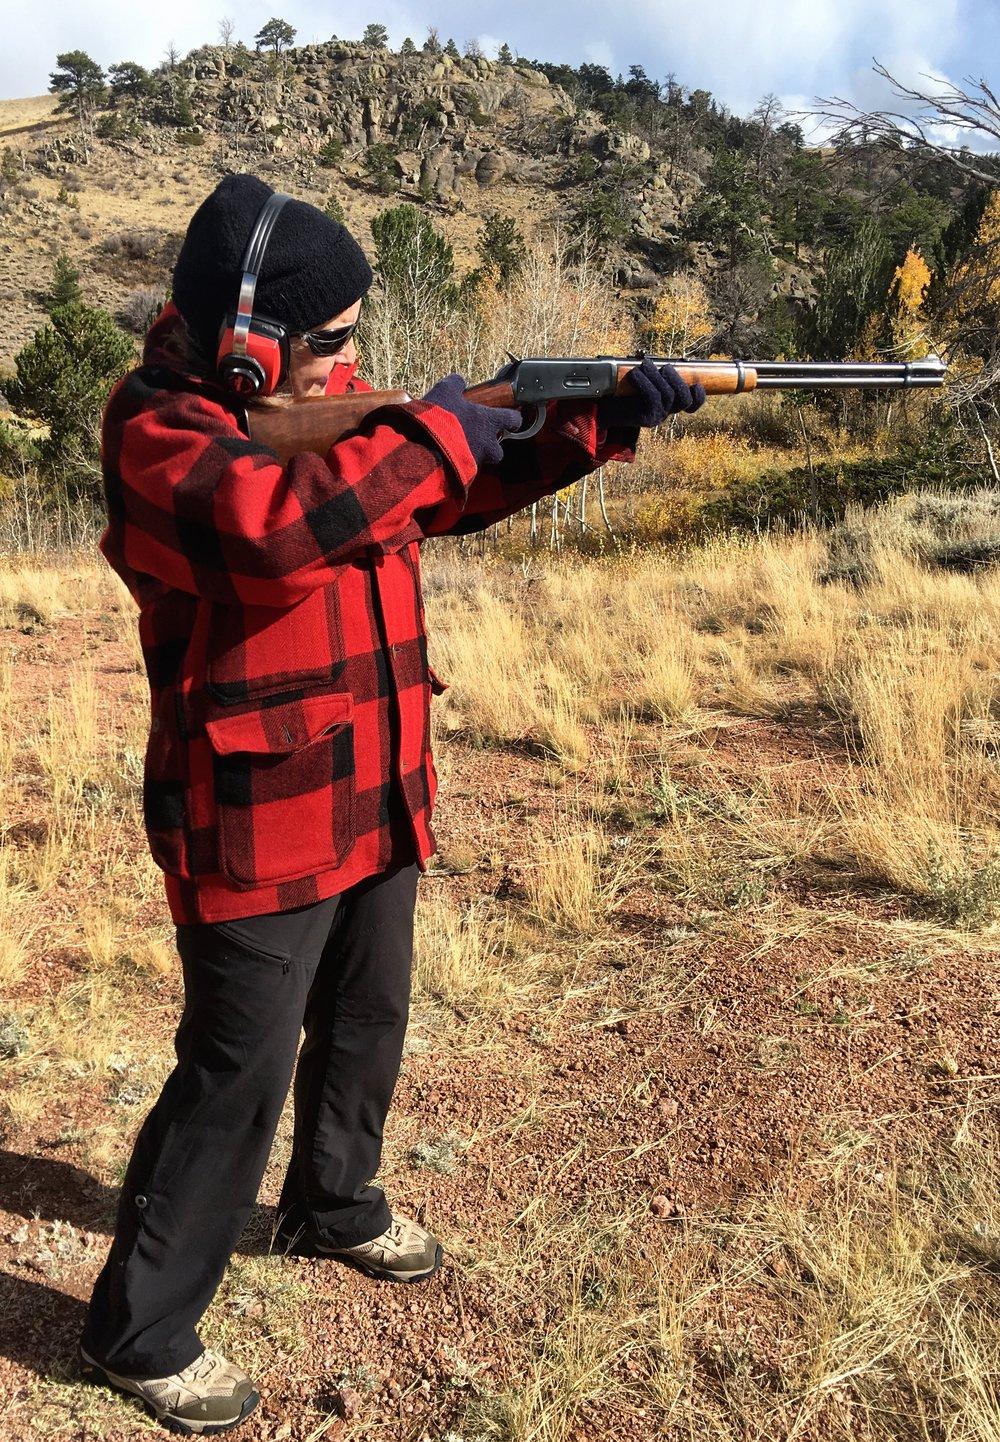 Sally shoots Grandma Thornberry's deer rifle in her old wool hunting coat - fond memories!